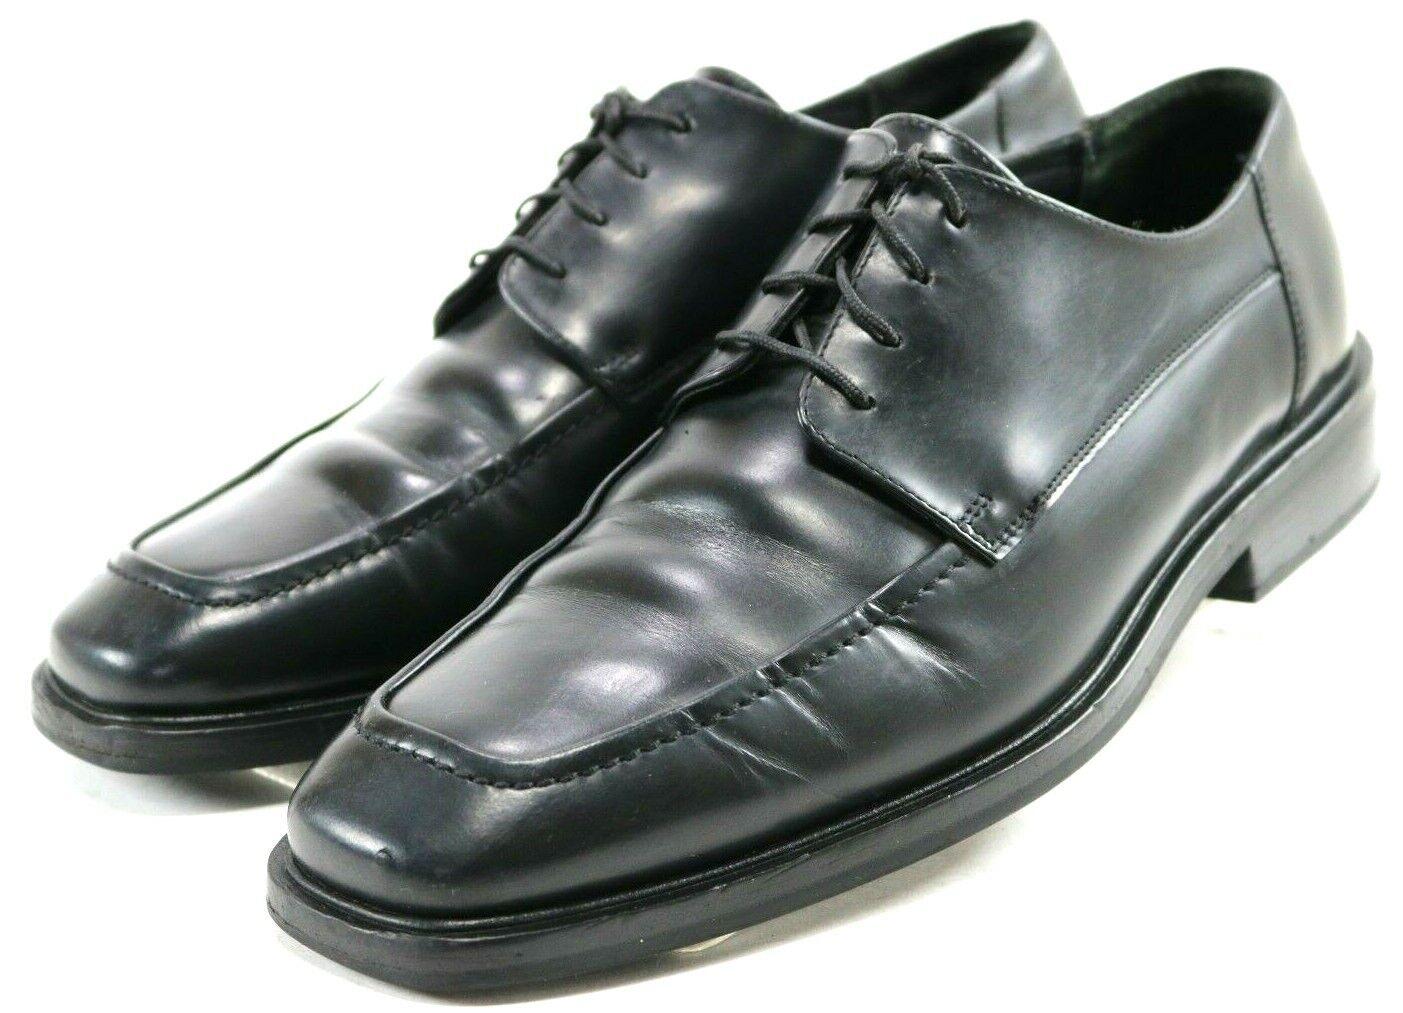 Cole Haan Men's Durham bluecher  110 Oxford Dress shoes Size 9.5 Black